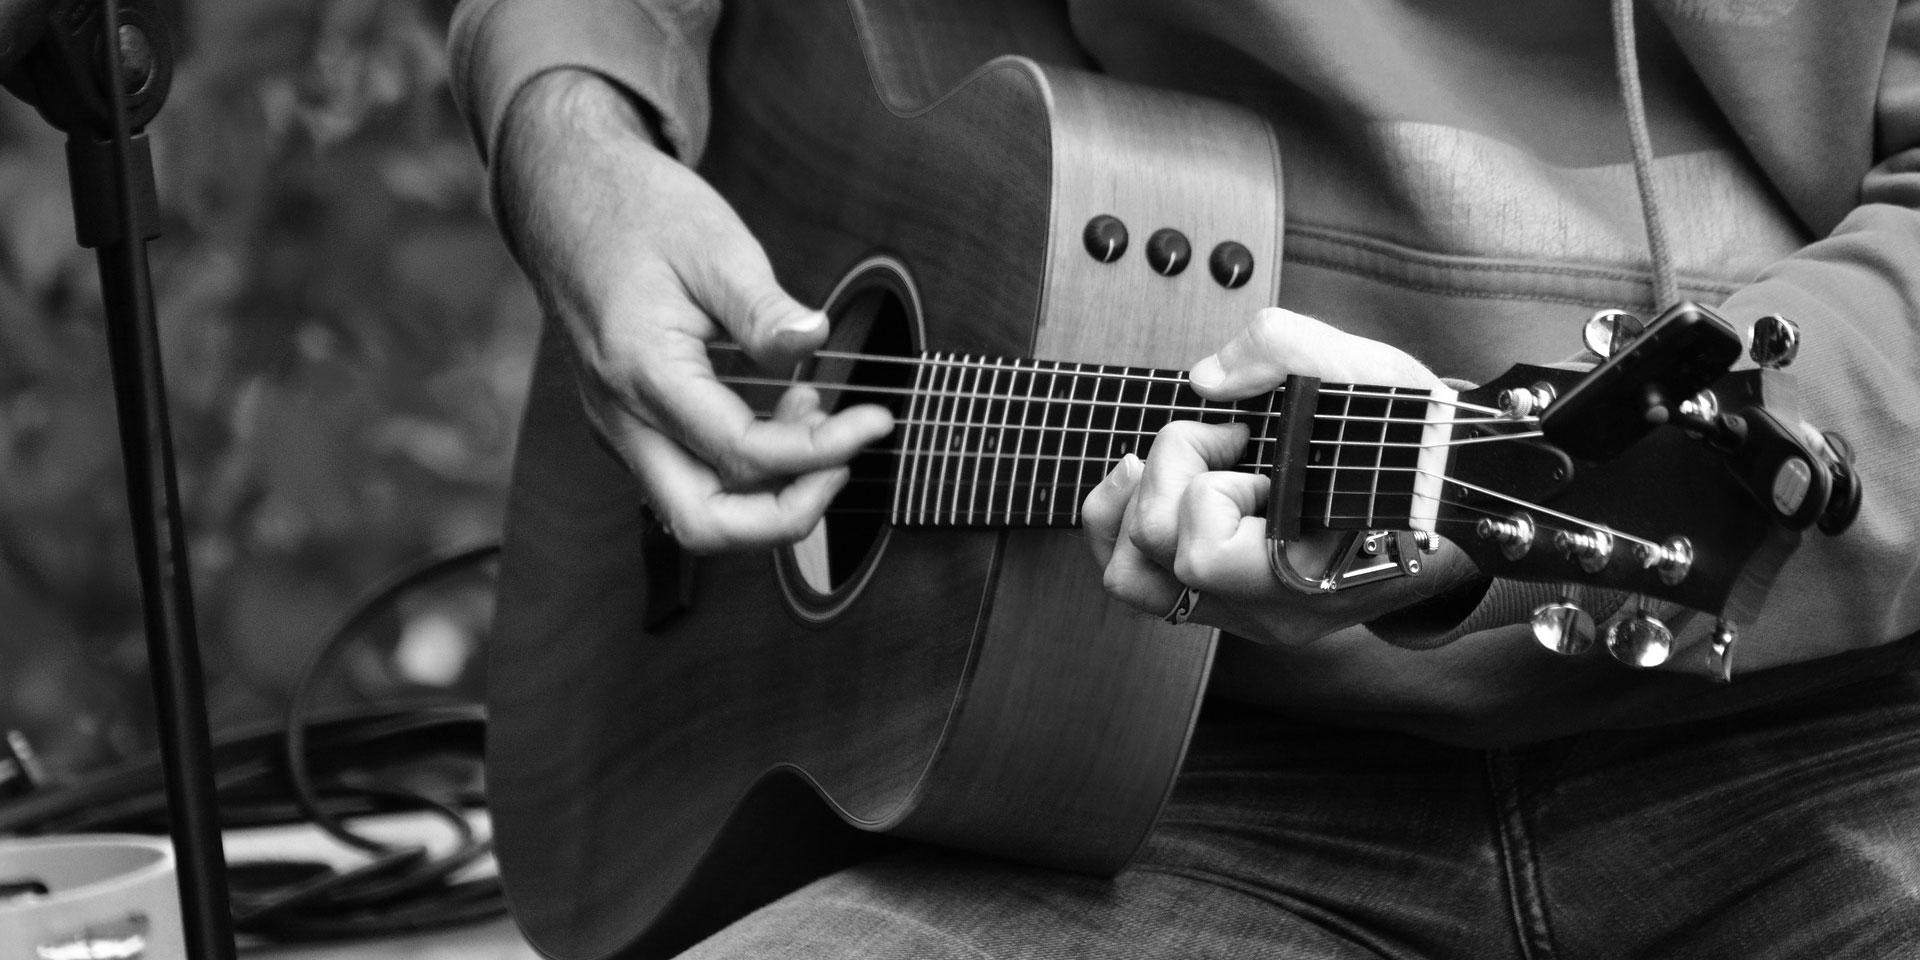 フィンガーピッキング/ソロギター教室 - 名古屋栄店